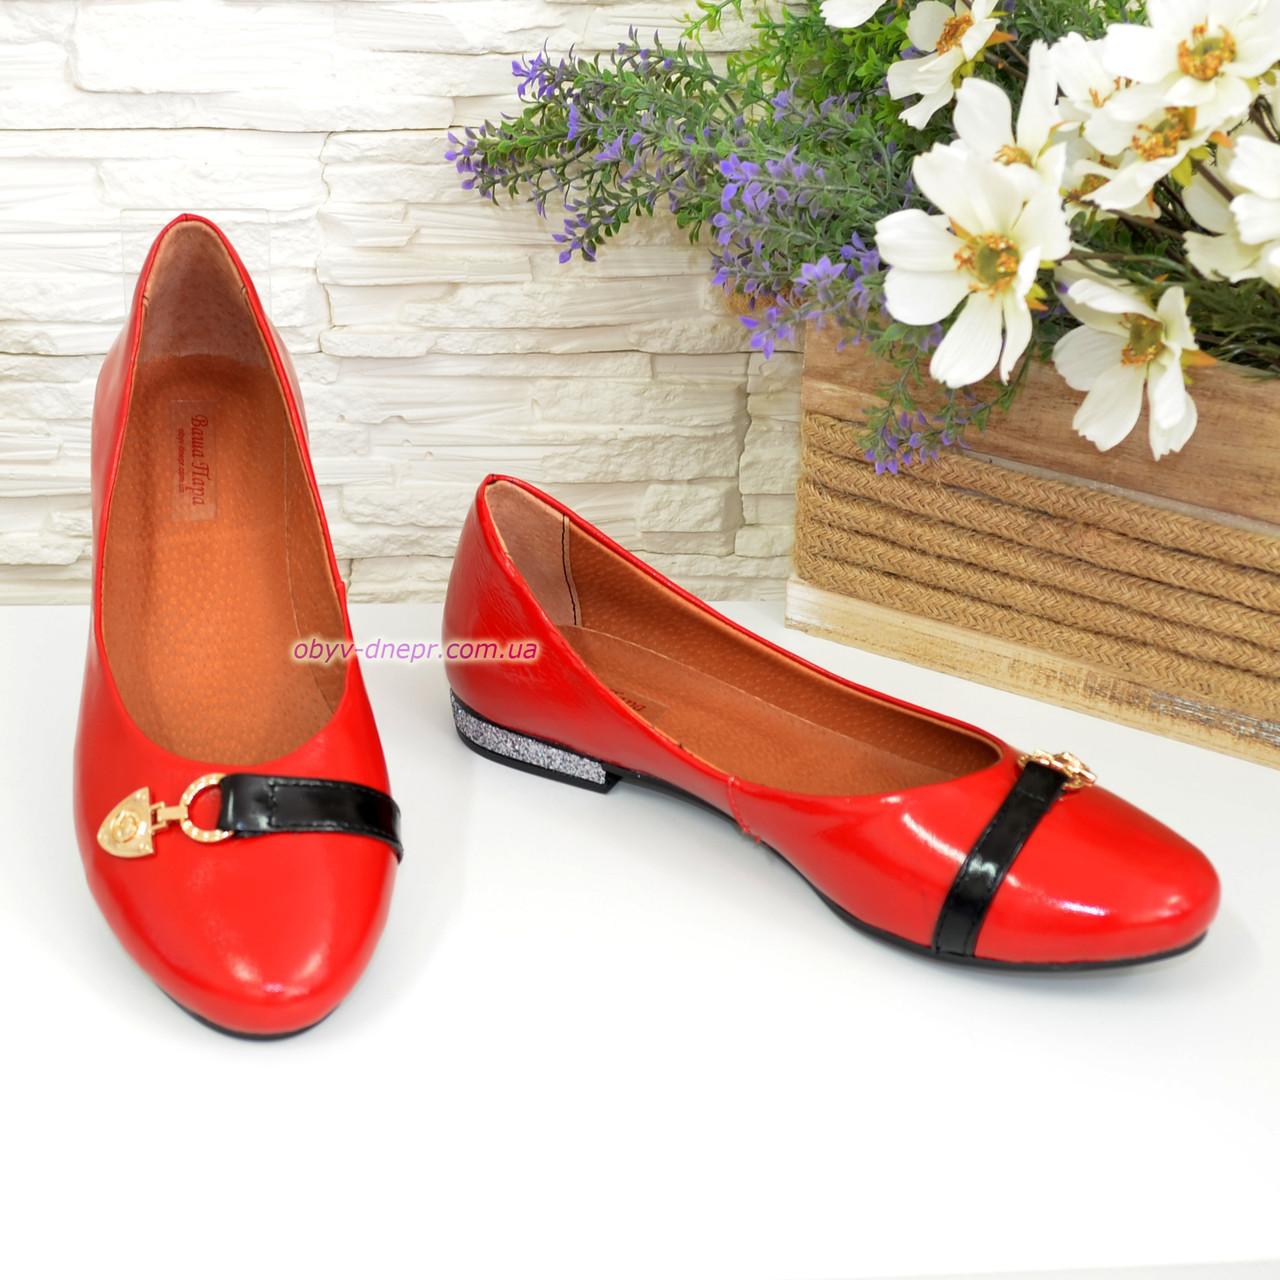 5a6bcc7da4c4 Туфли женские лаковые красного цвета на низком ходу. ТМ